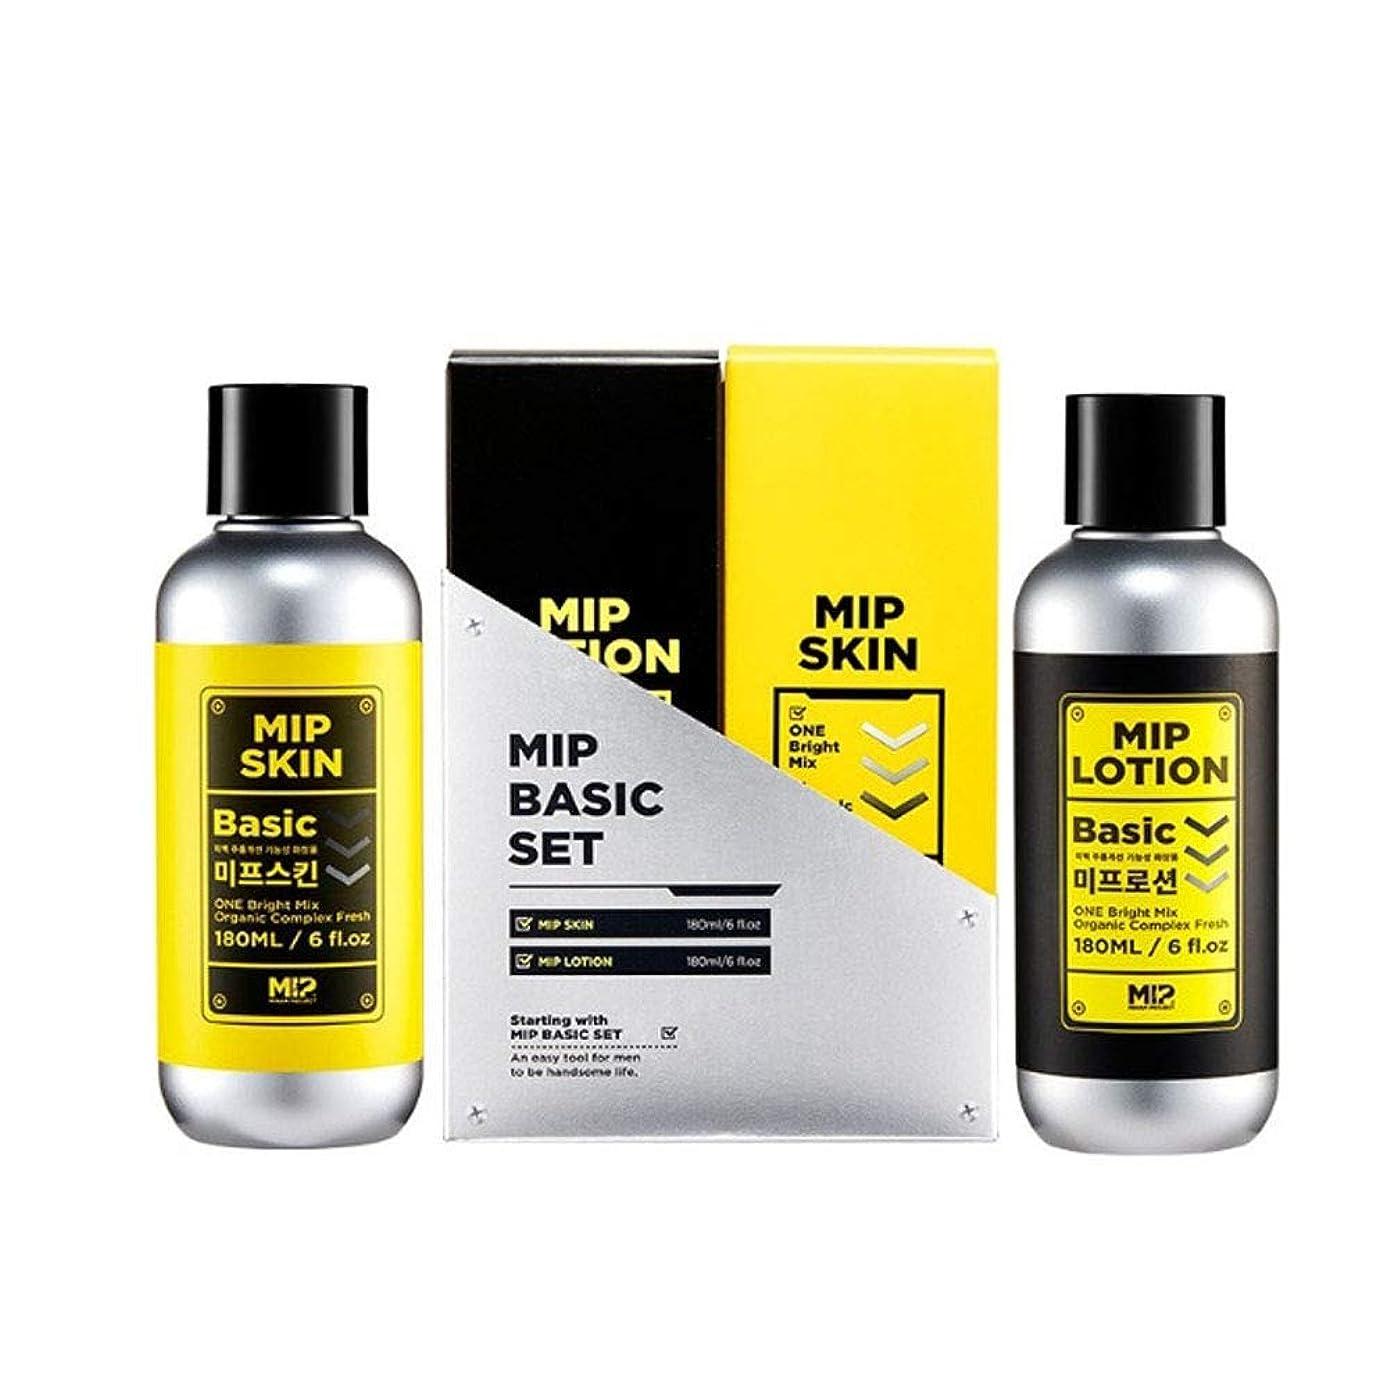 トランクライブラリ赤字ダイヤモンドミップスキン180mlローション180mlセットメンズコスメ韓国コスメ、Mip Skin 180ml Lotion 180ml Set Men's Cosmetics Korean Cosmetics [並行輸入品]